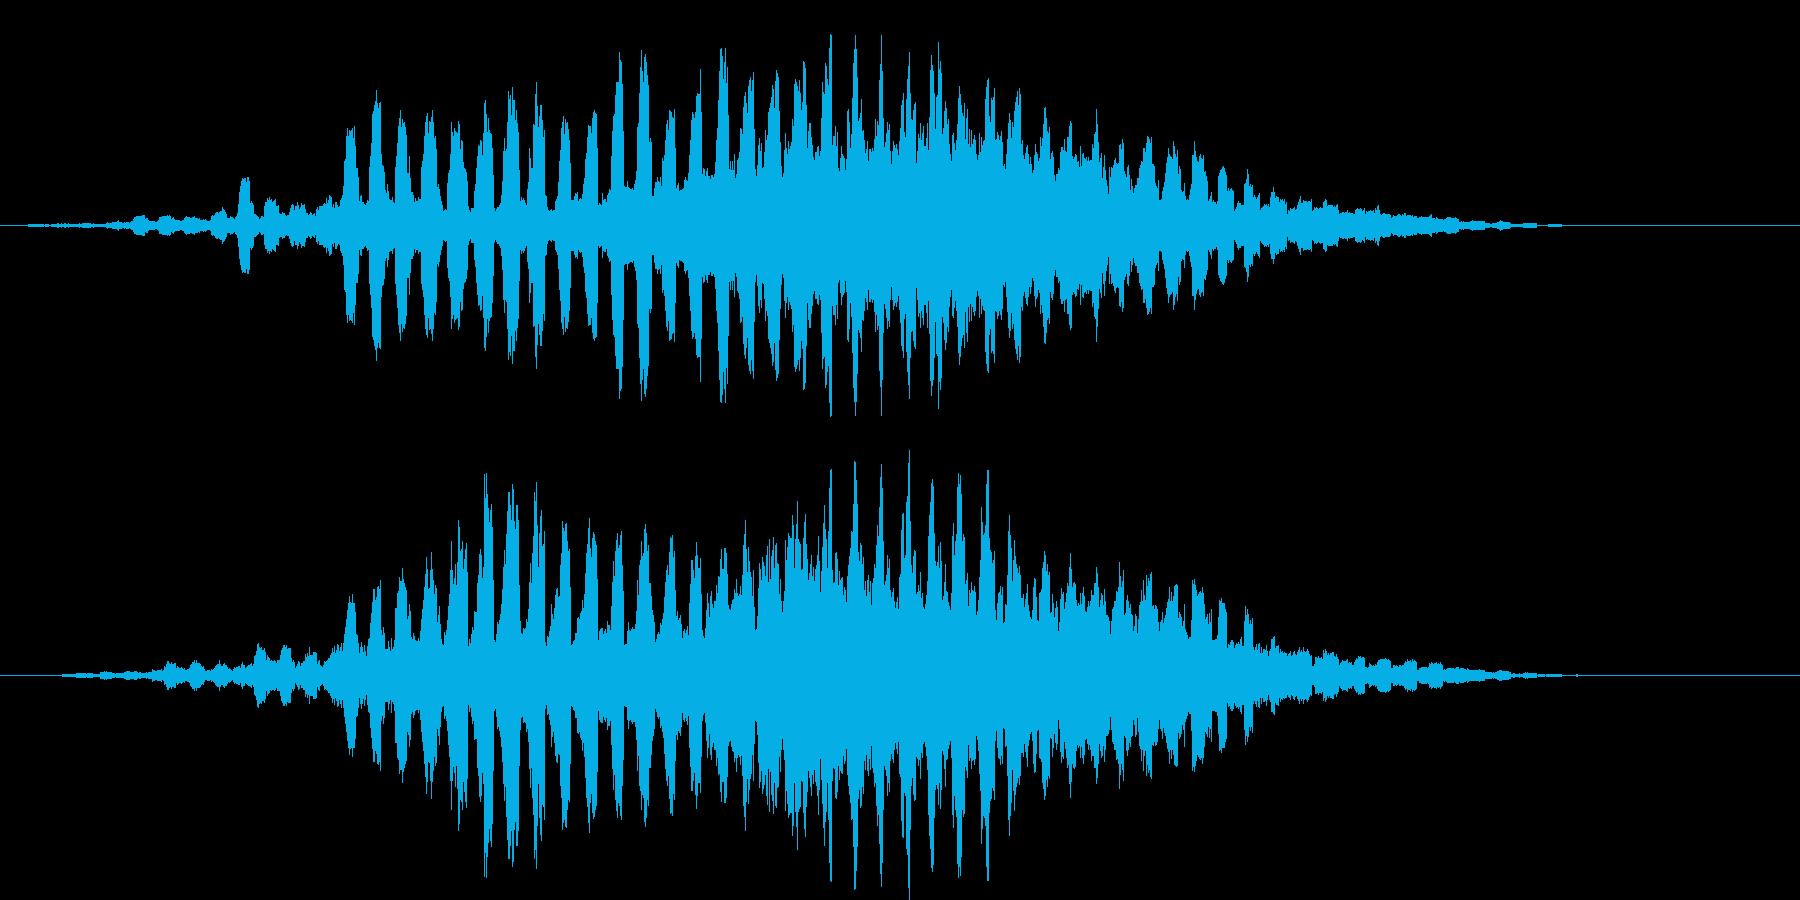 コズミック・キラキラ音の再生済みの波形